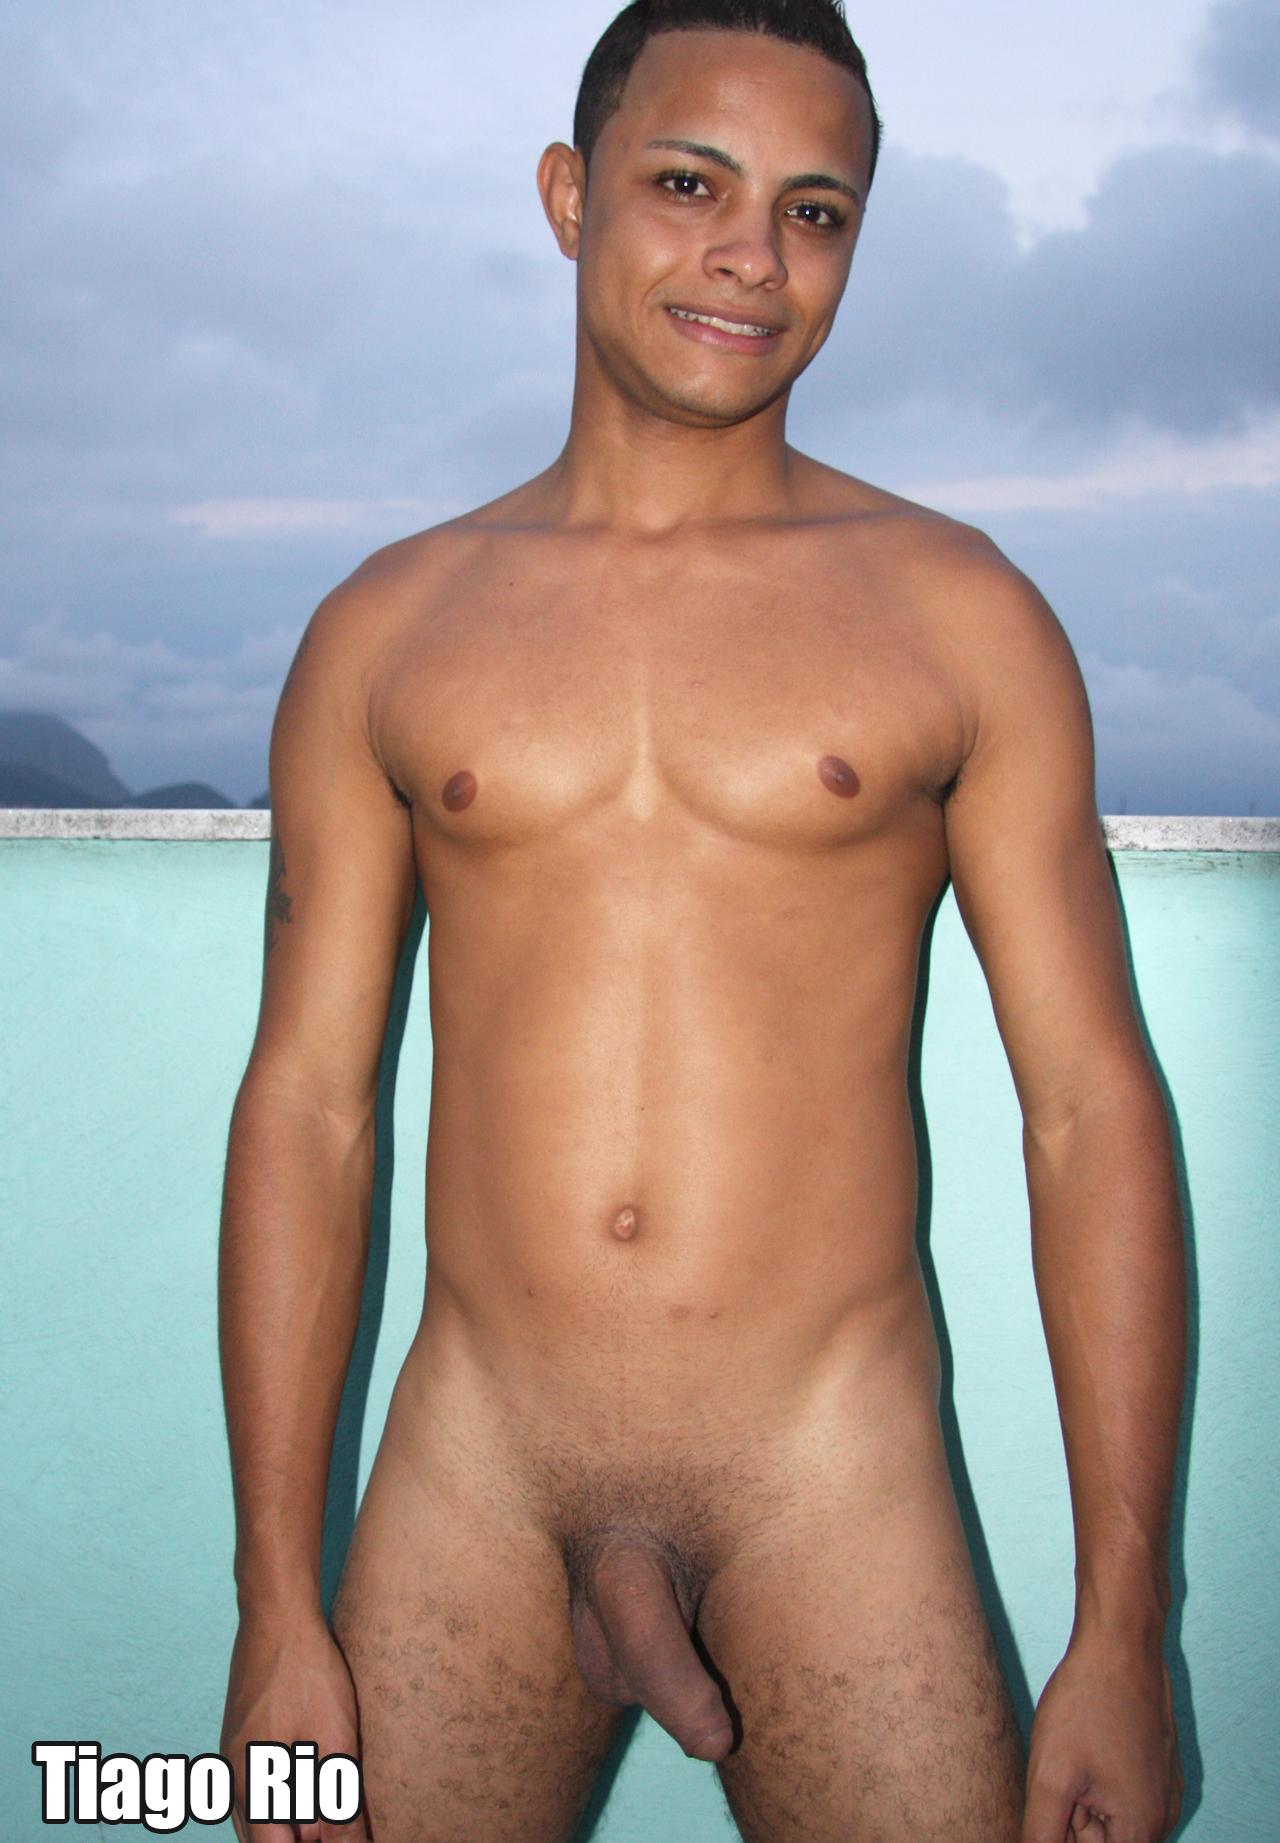 Tiago Rio